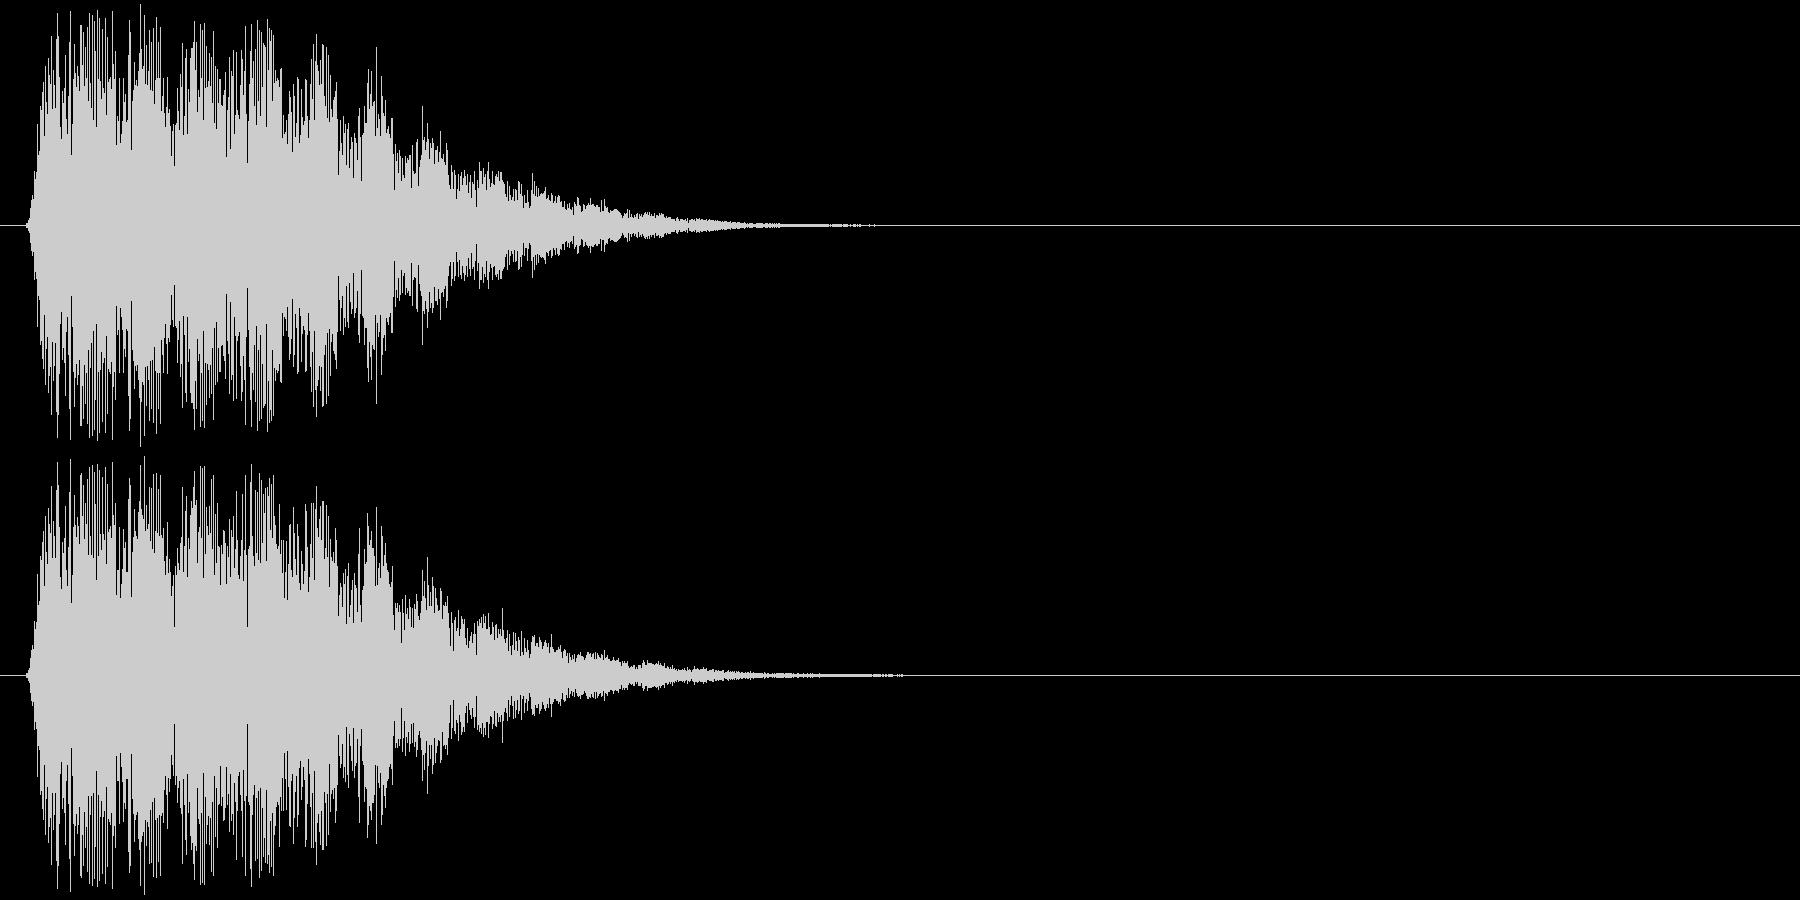 ティロリロリロッ↑(ポップな効果音)の未再生の波形